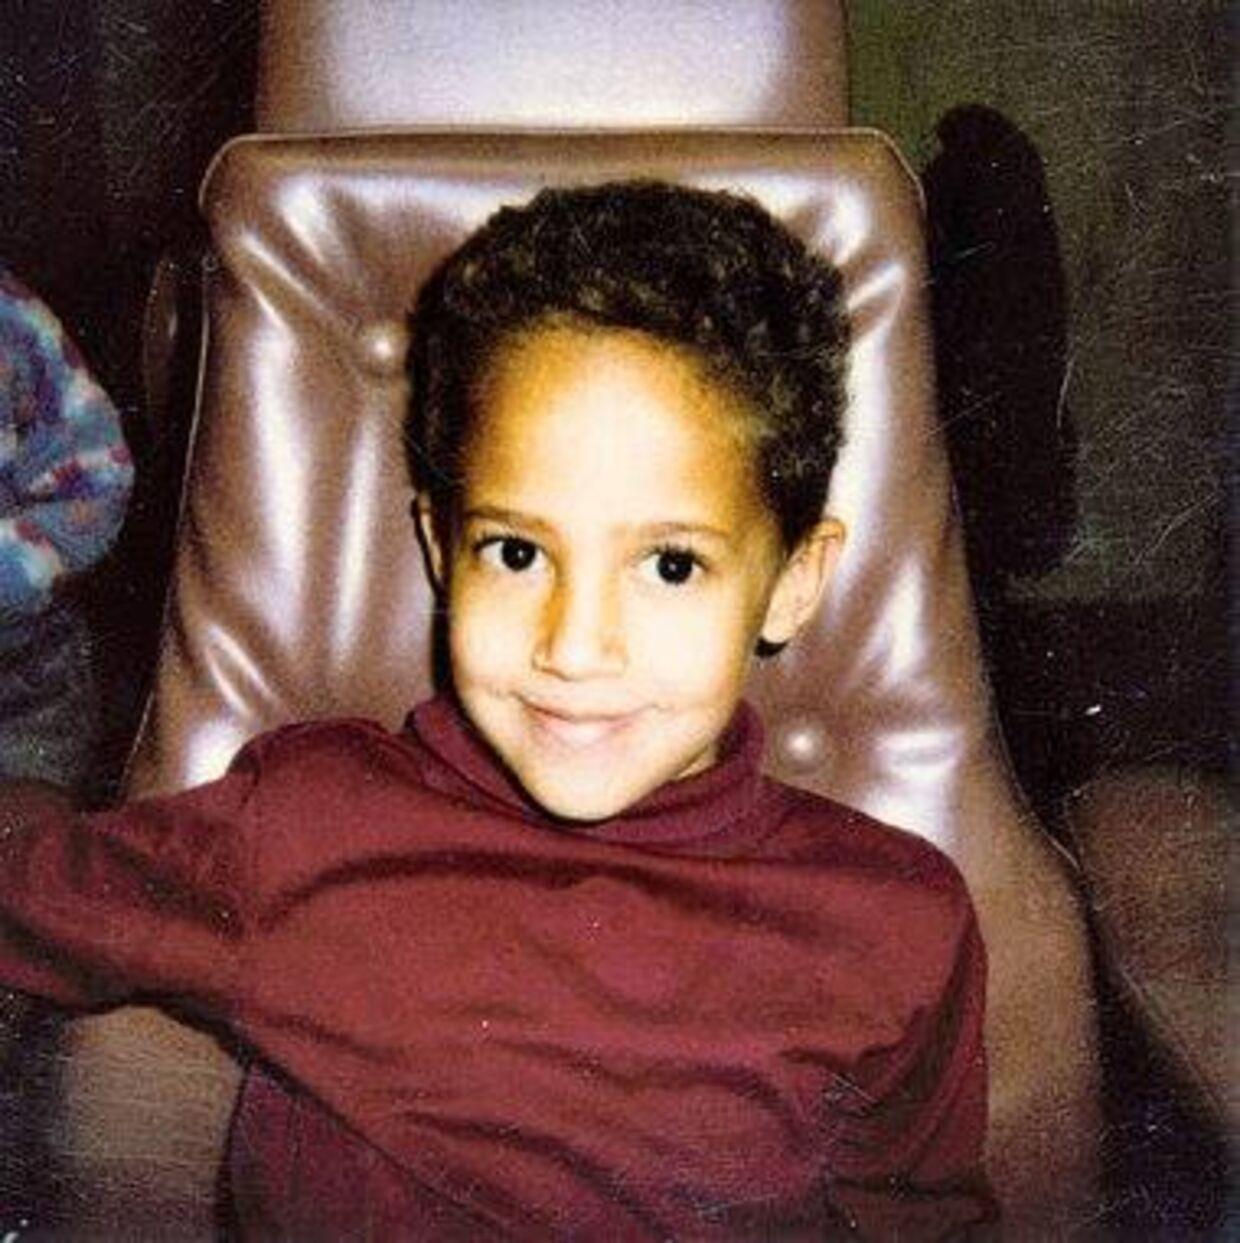 Svante Myrick voksede op i fattigdom med sin enlige mor og tre søskende.